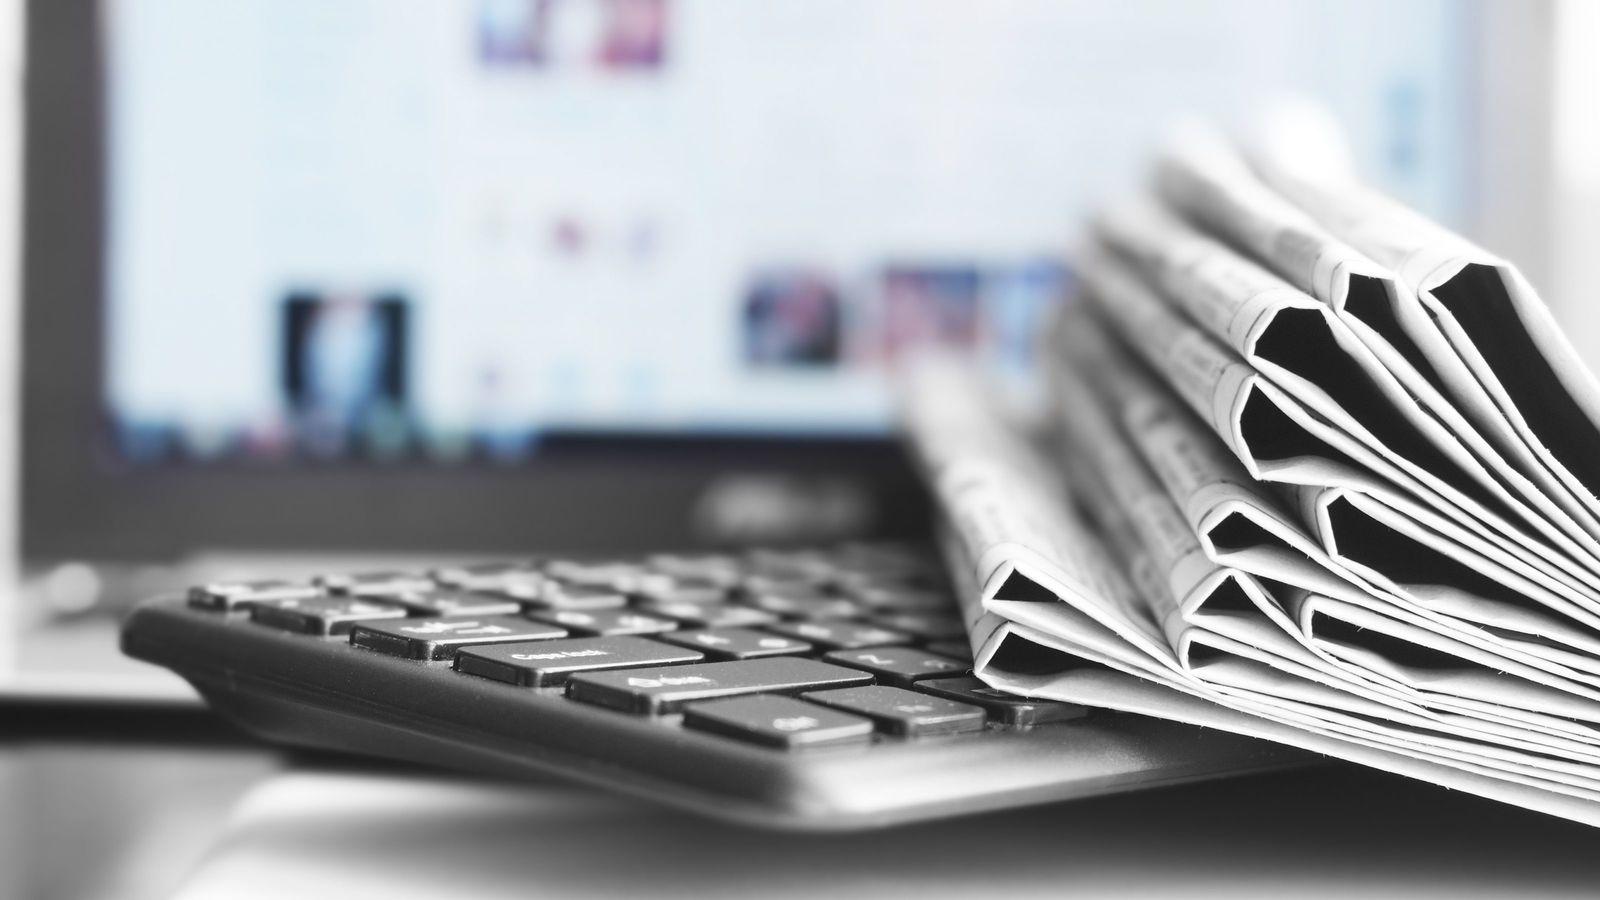 日本一有名なネットニュース編集者が「もう疲れた」と引退を決めた理由 47歳でのセミリタイアは甘すぎるか